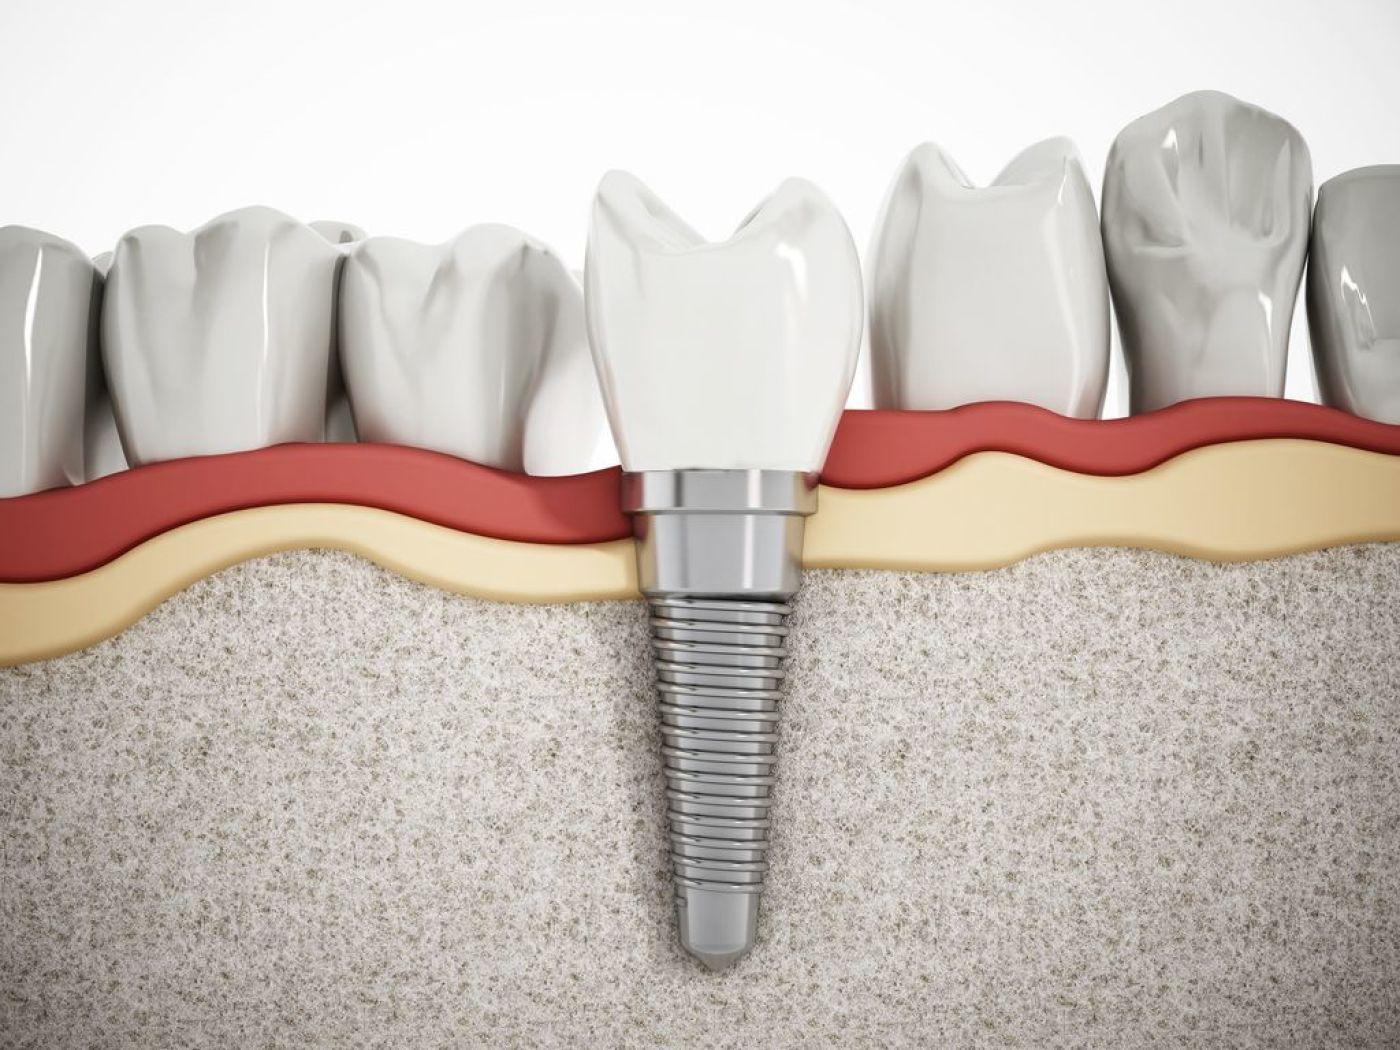 Implant dentaire : Quelle matière sélectionner ?